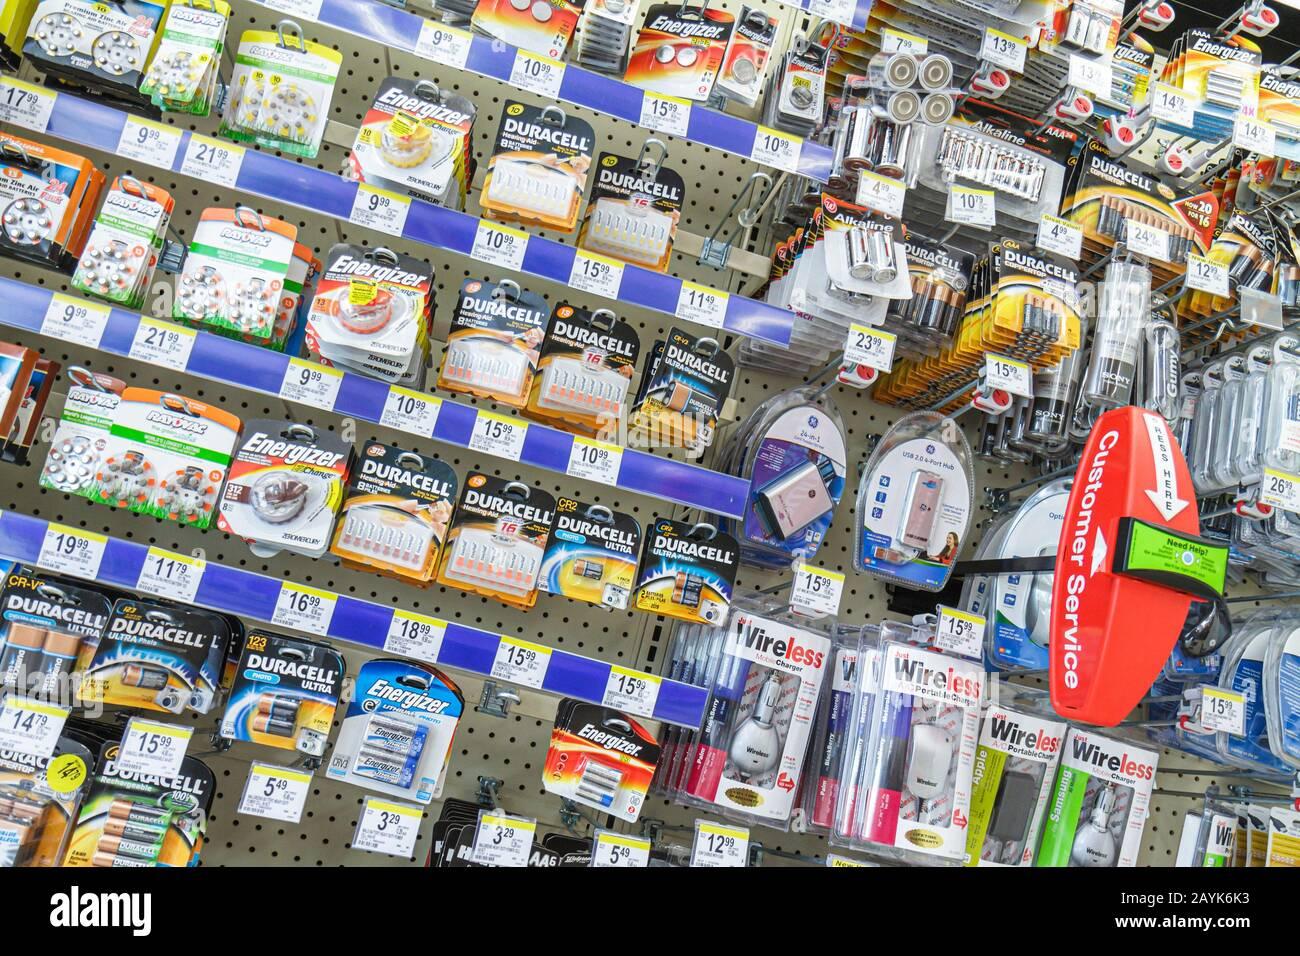 Miami Beach Florida Walgreens Apotheke Drogerie Verpackung Einzelhandelsumsätze für Verkauf Einzelhandel anzeigen Batterien Stockfoto